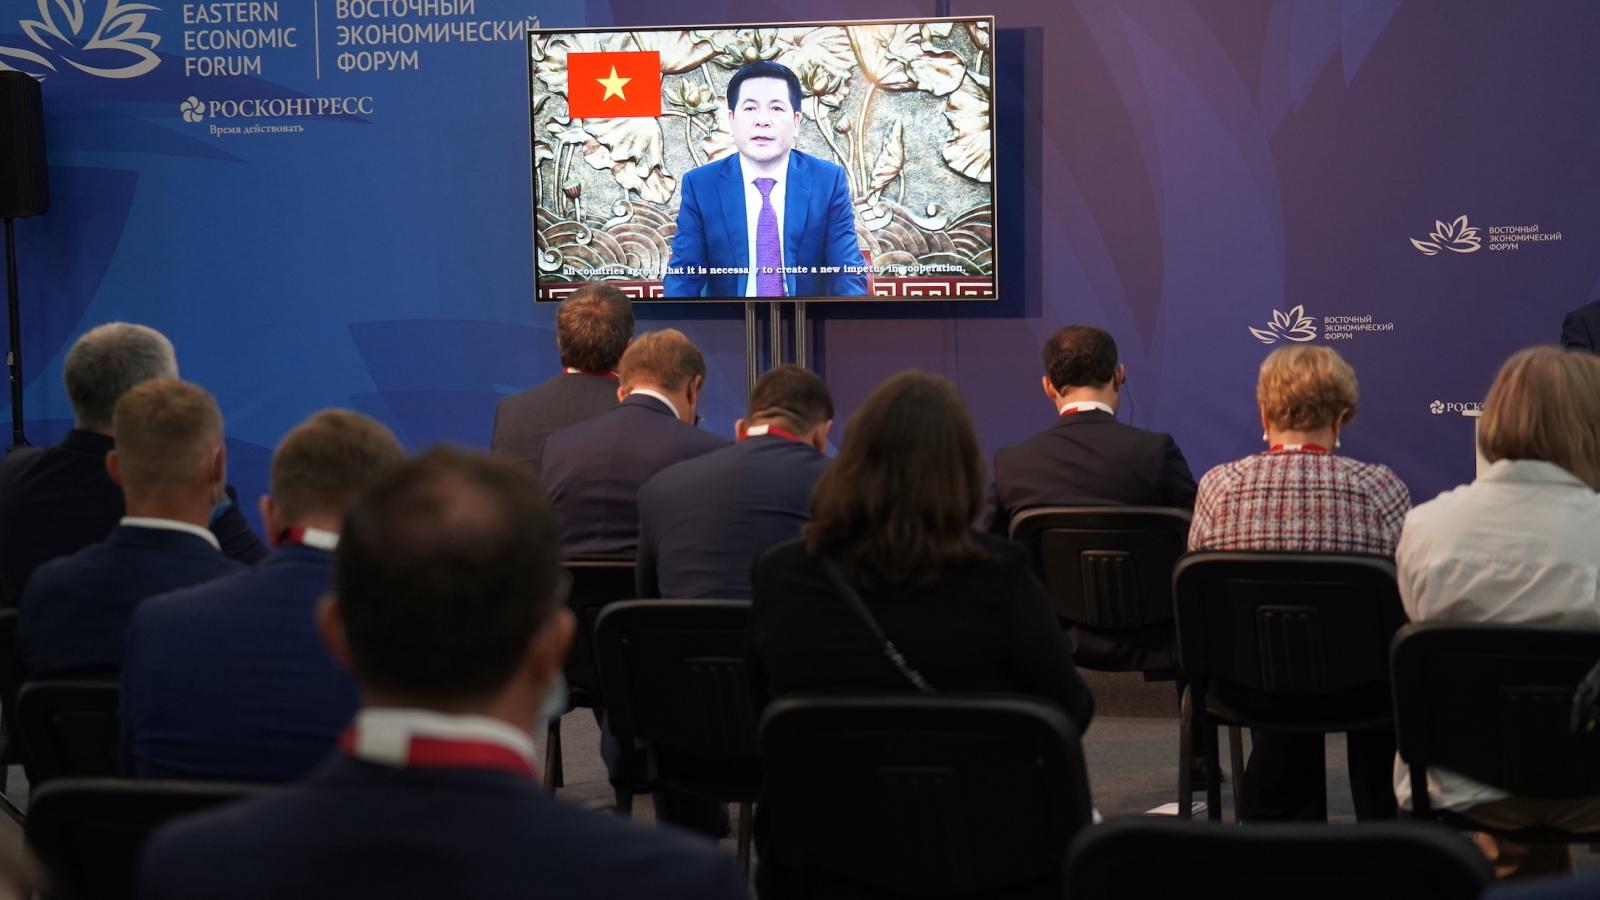 Việt Nam luôn sẵn sàng làm cầu nối ASEAN với Nga và EAEU